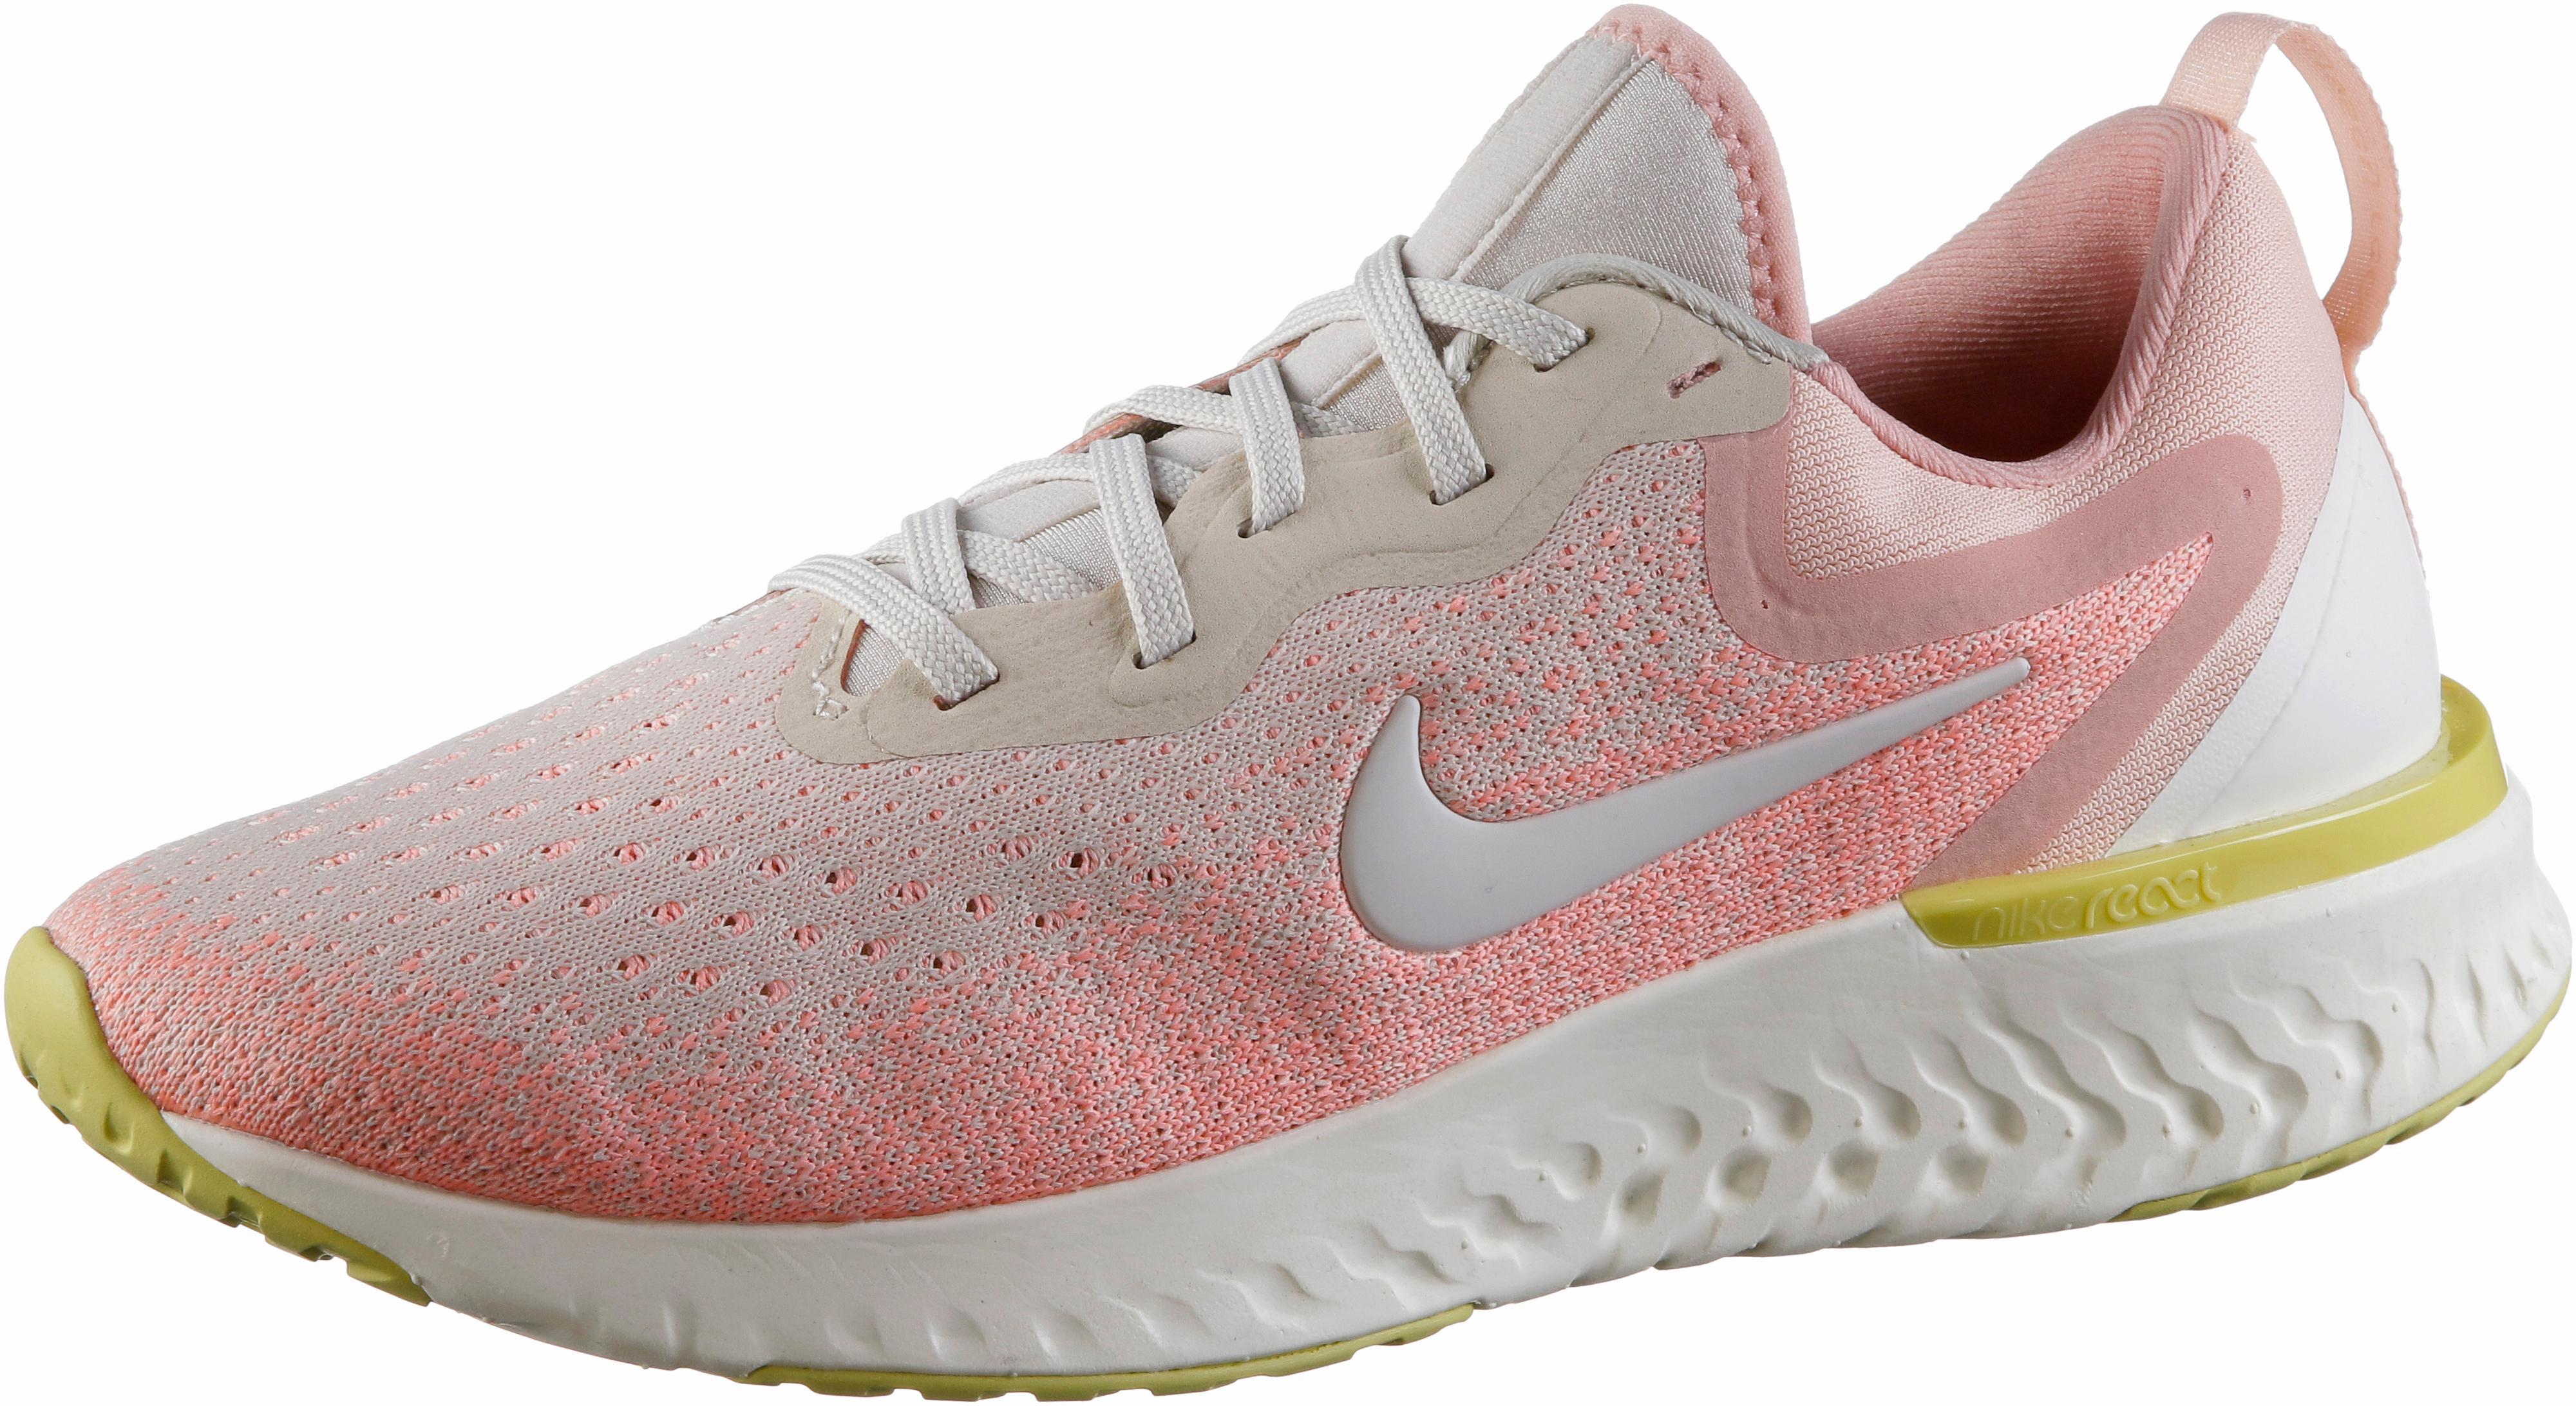 Nike ODYSSEY ODYSSEY ODYSSEY REACT Laufschuhe Damen wolf